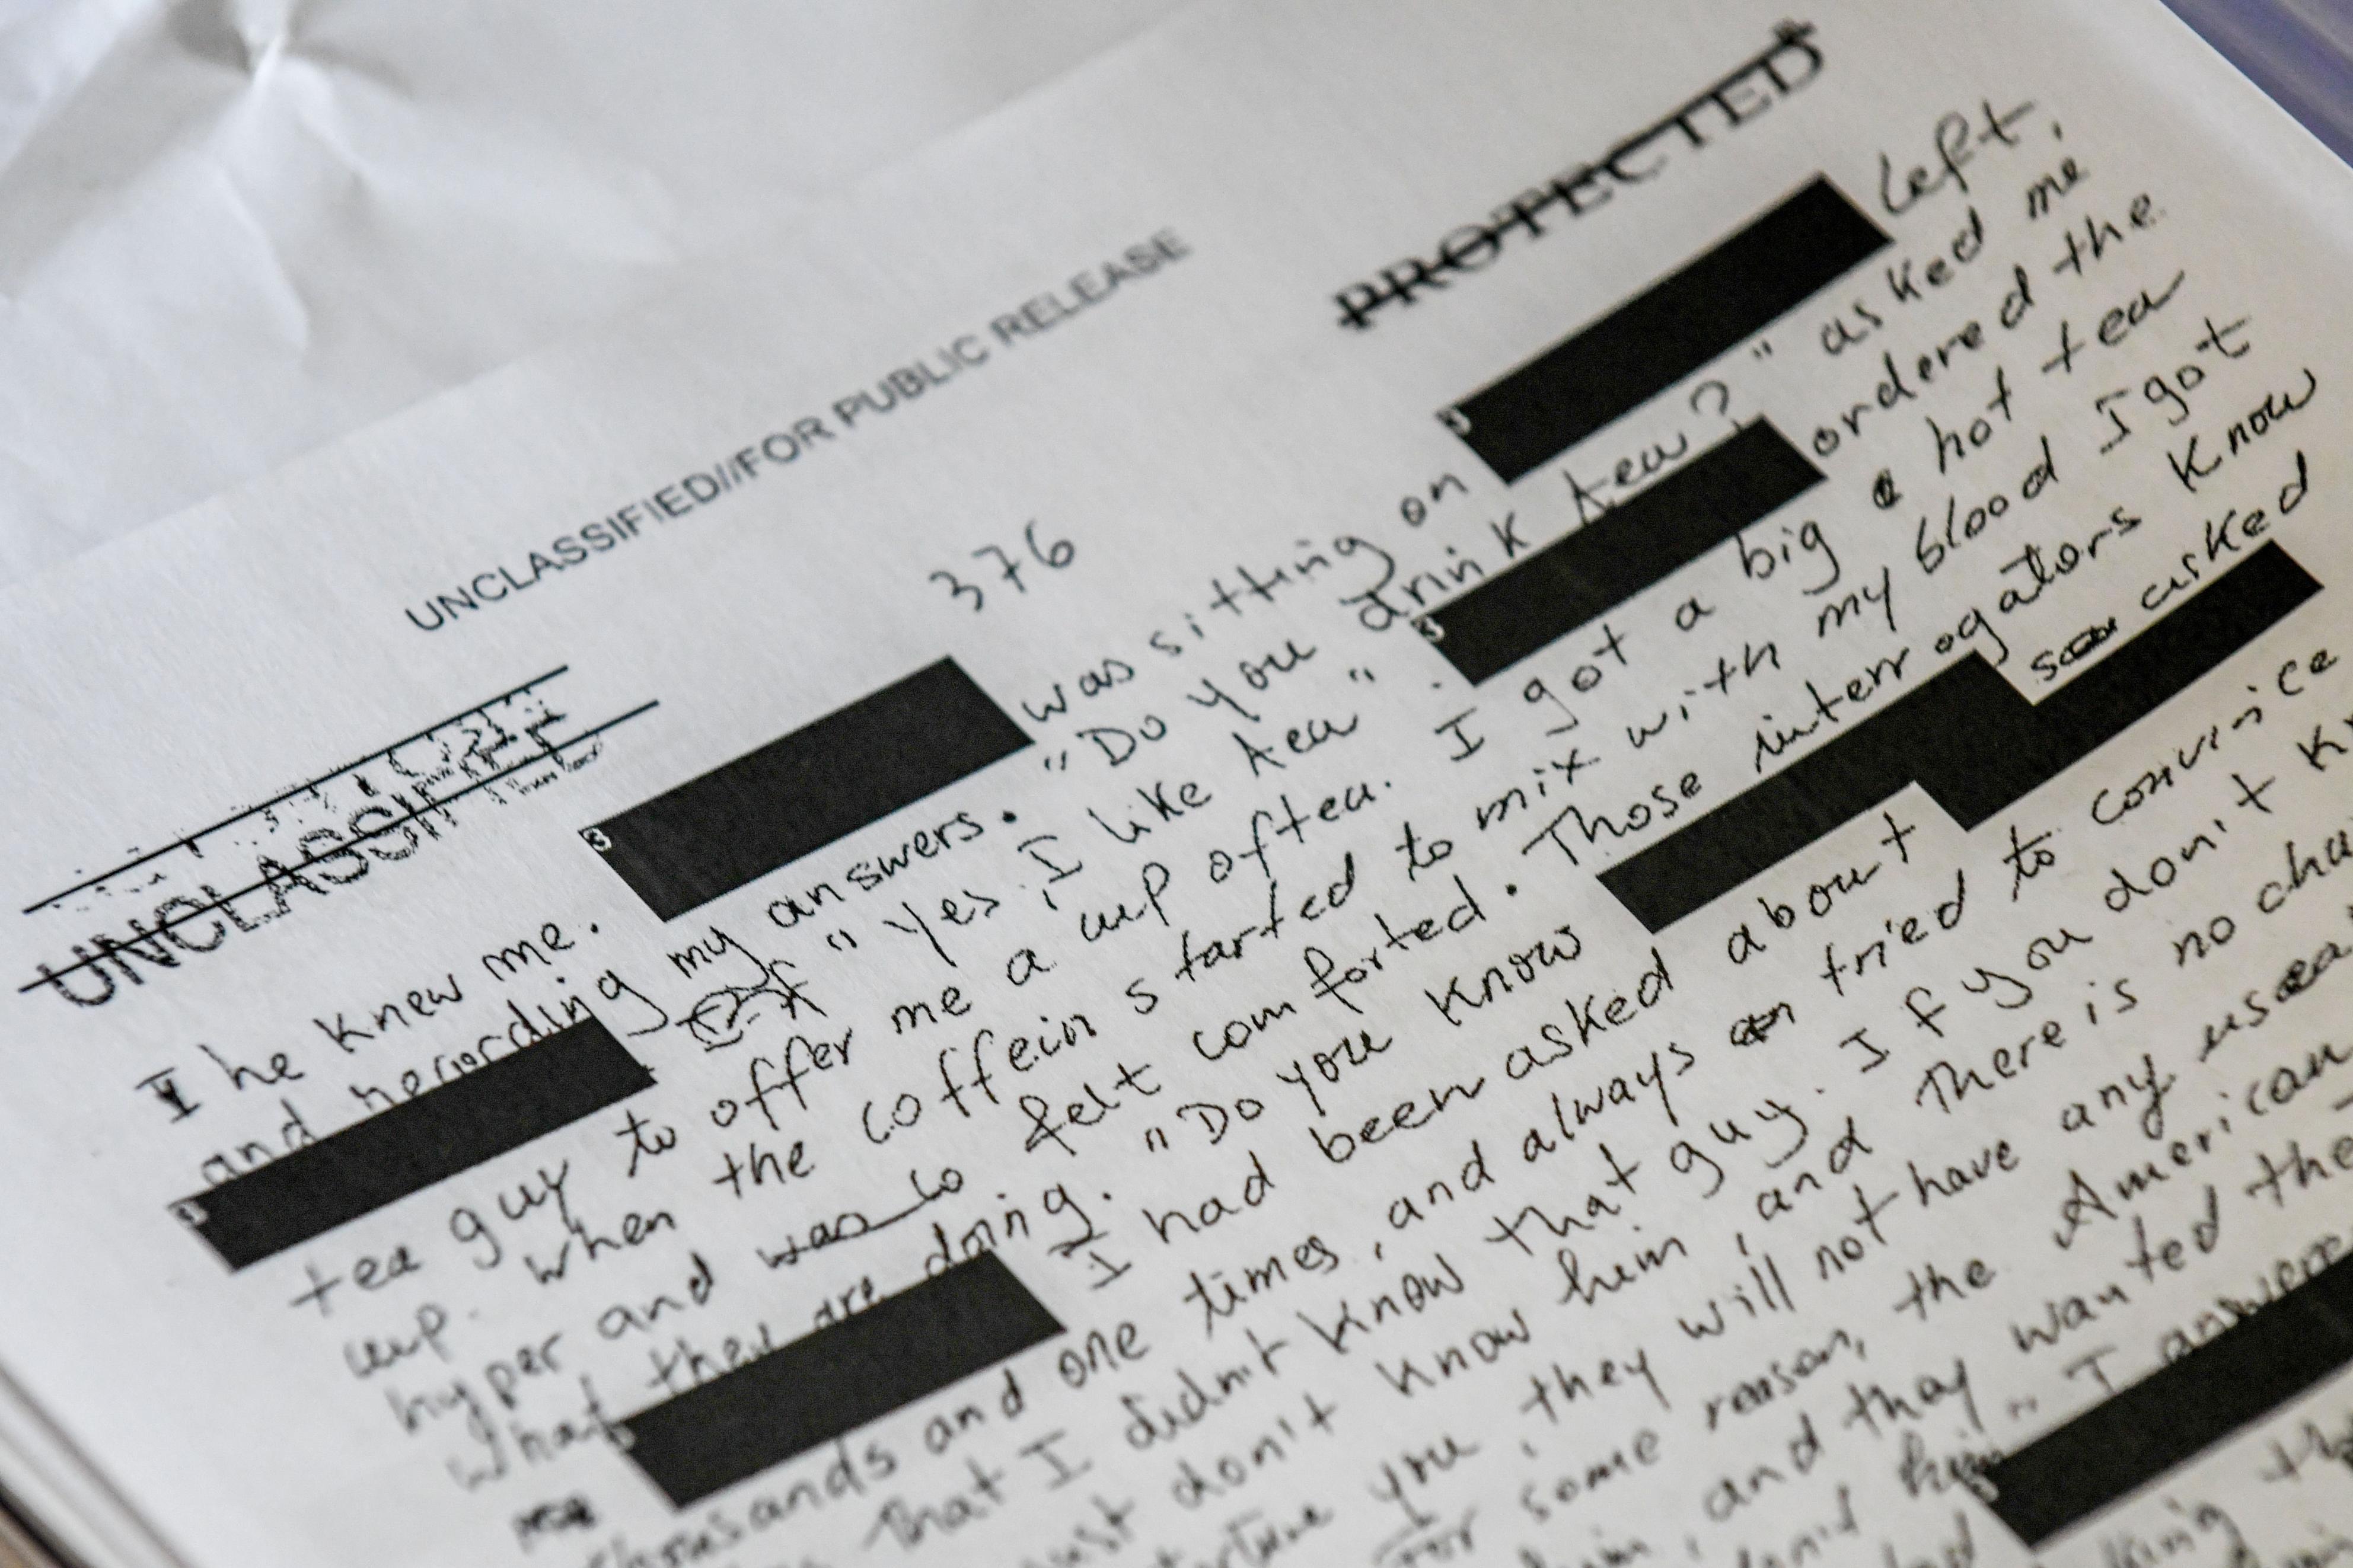 手記「グアンタナモ収容所」の原稿コピー。弁護士の請求で公開されるまで「機密」扱いだった。7年間の検閲で、数千カ所が黒塗りされた(撮影・中野智明、共同)